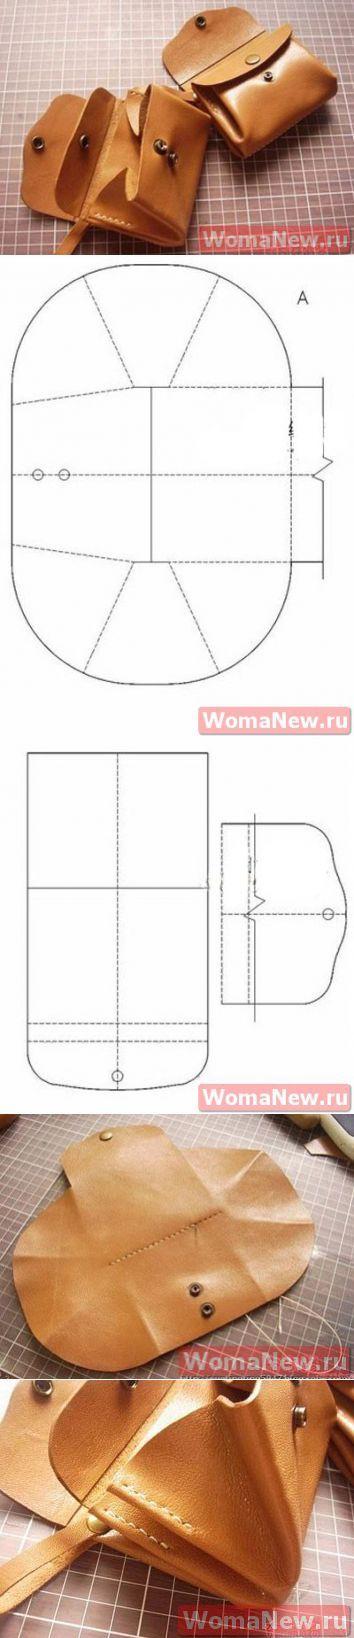 El patrón de la bolsa de cuero | WomaNew.ru - las lecciones del ...